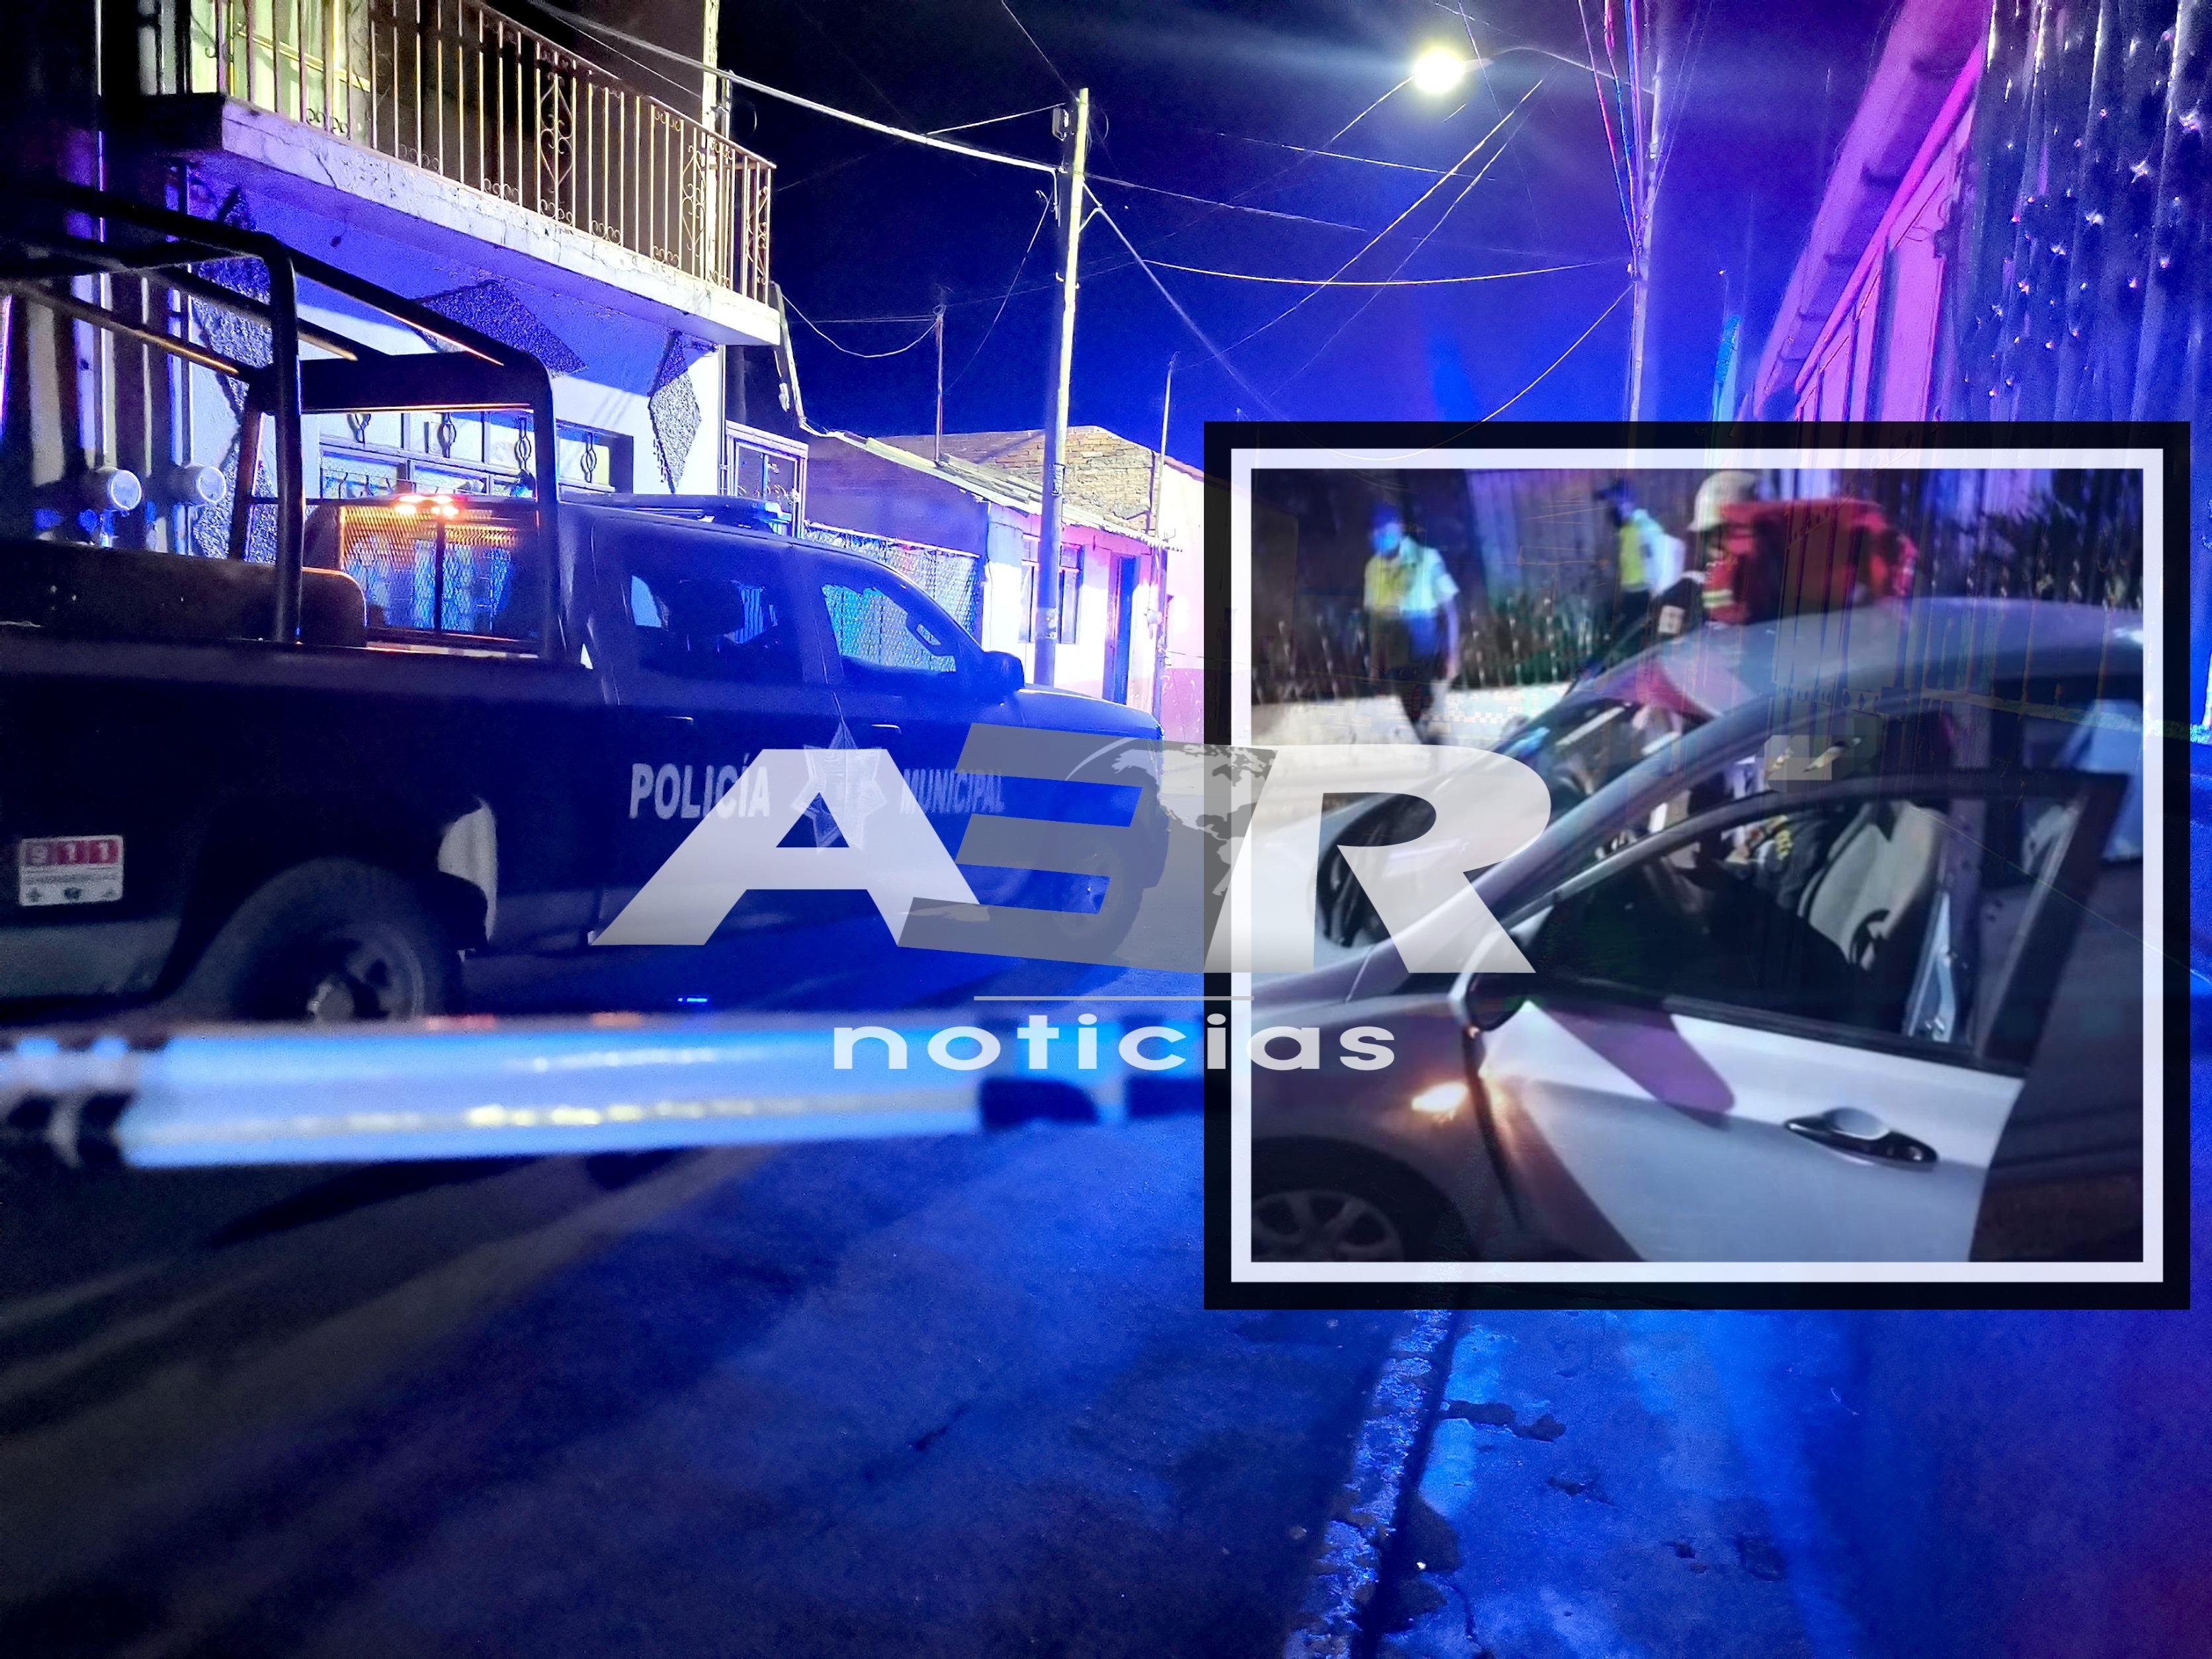 Confirma la FGE cuatro muertos en el Barrio de Santa Anita en Irapuato 4